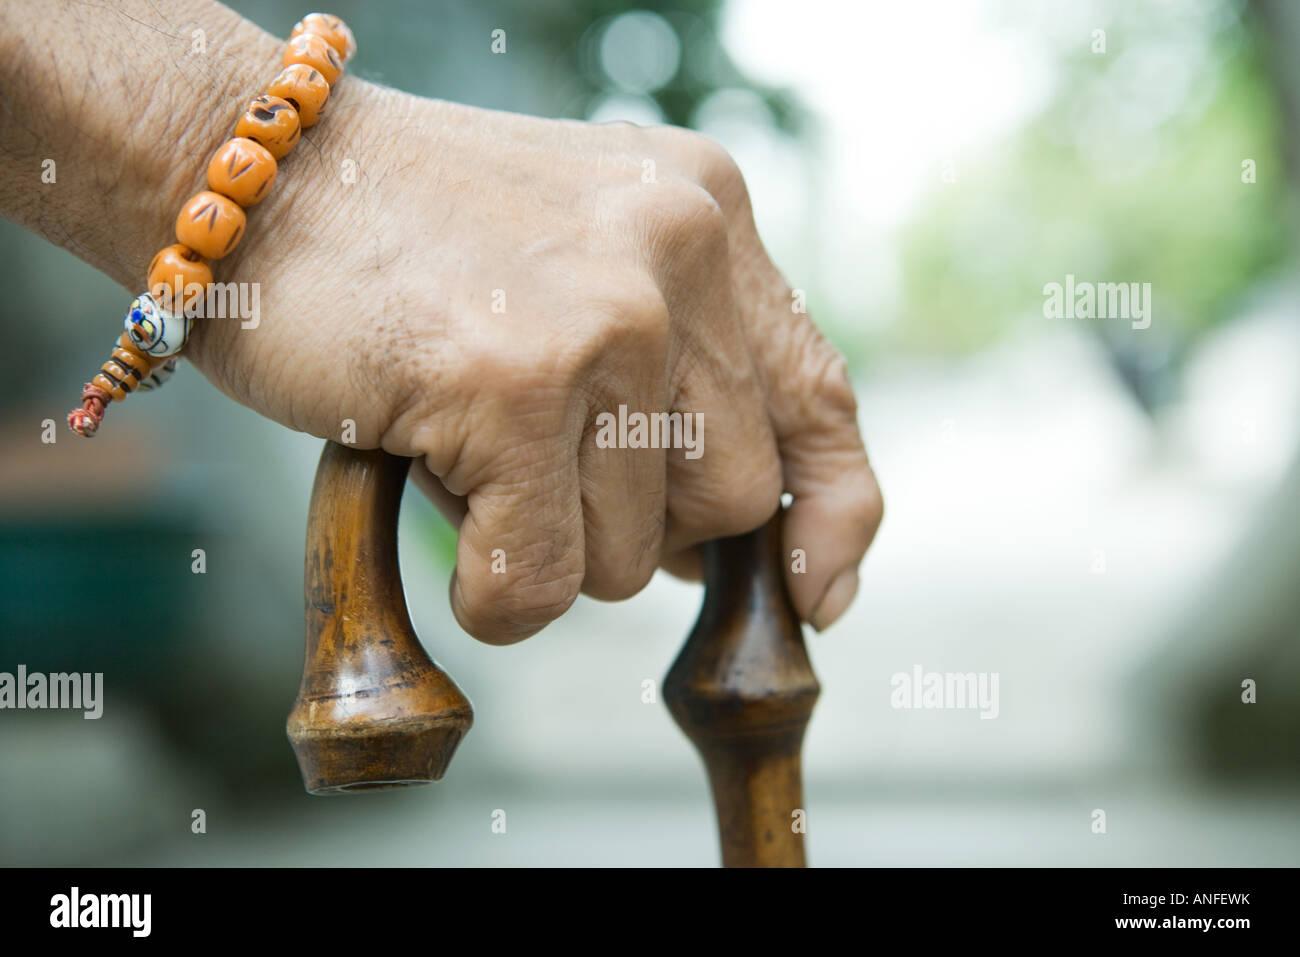 Uomo anziano tenendo la canna da zucchero, close-up di mano Immagini Stock